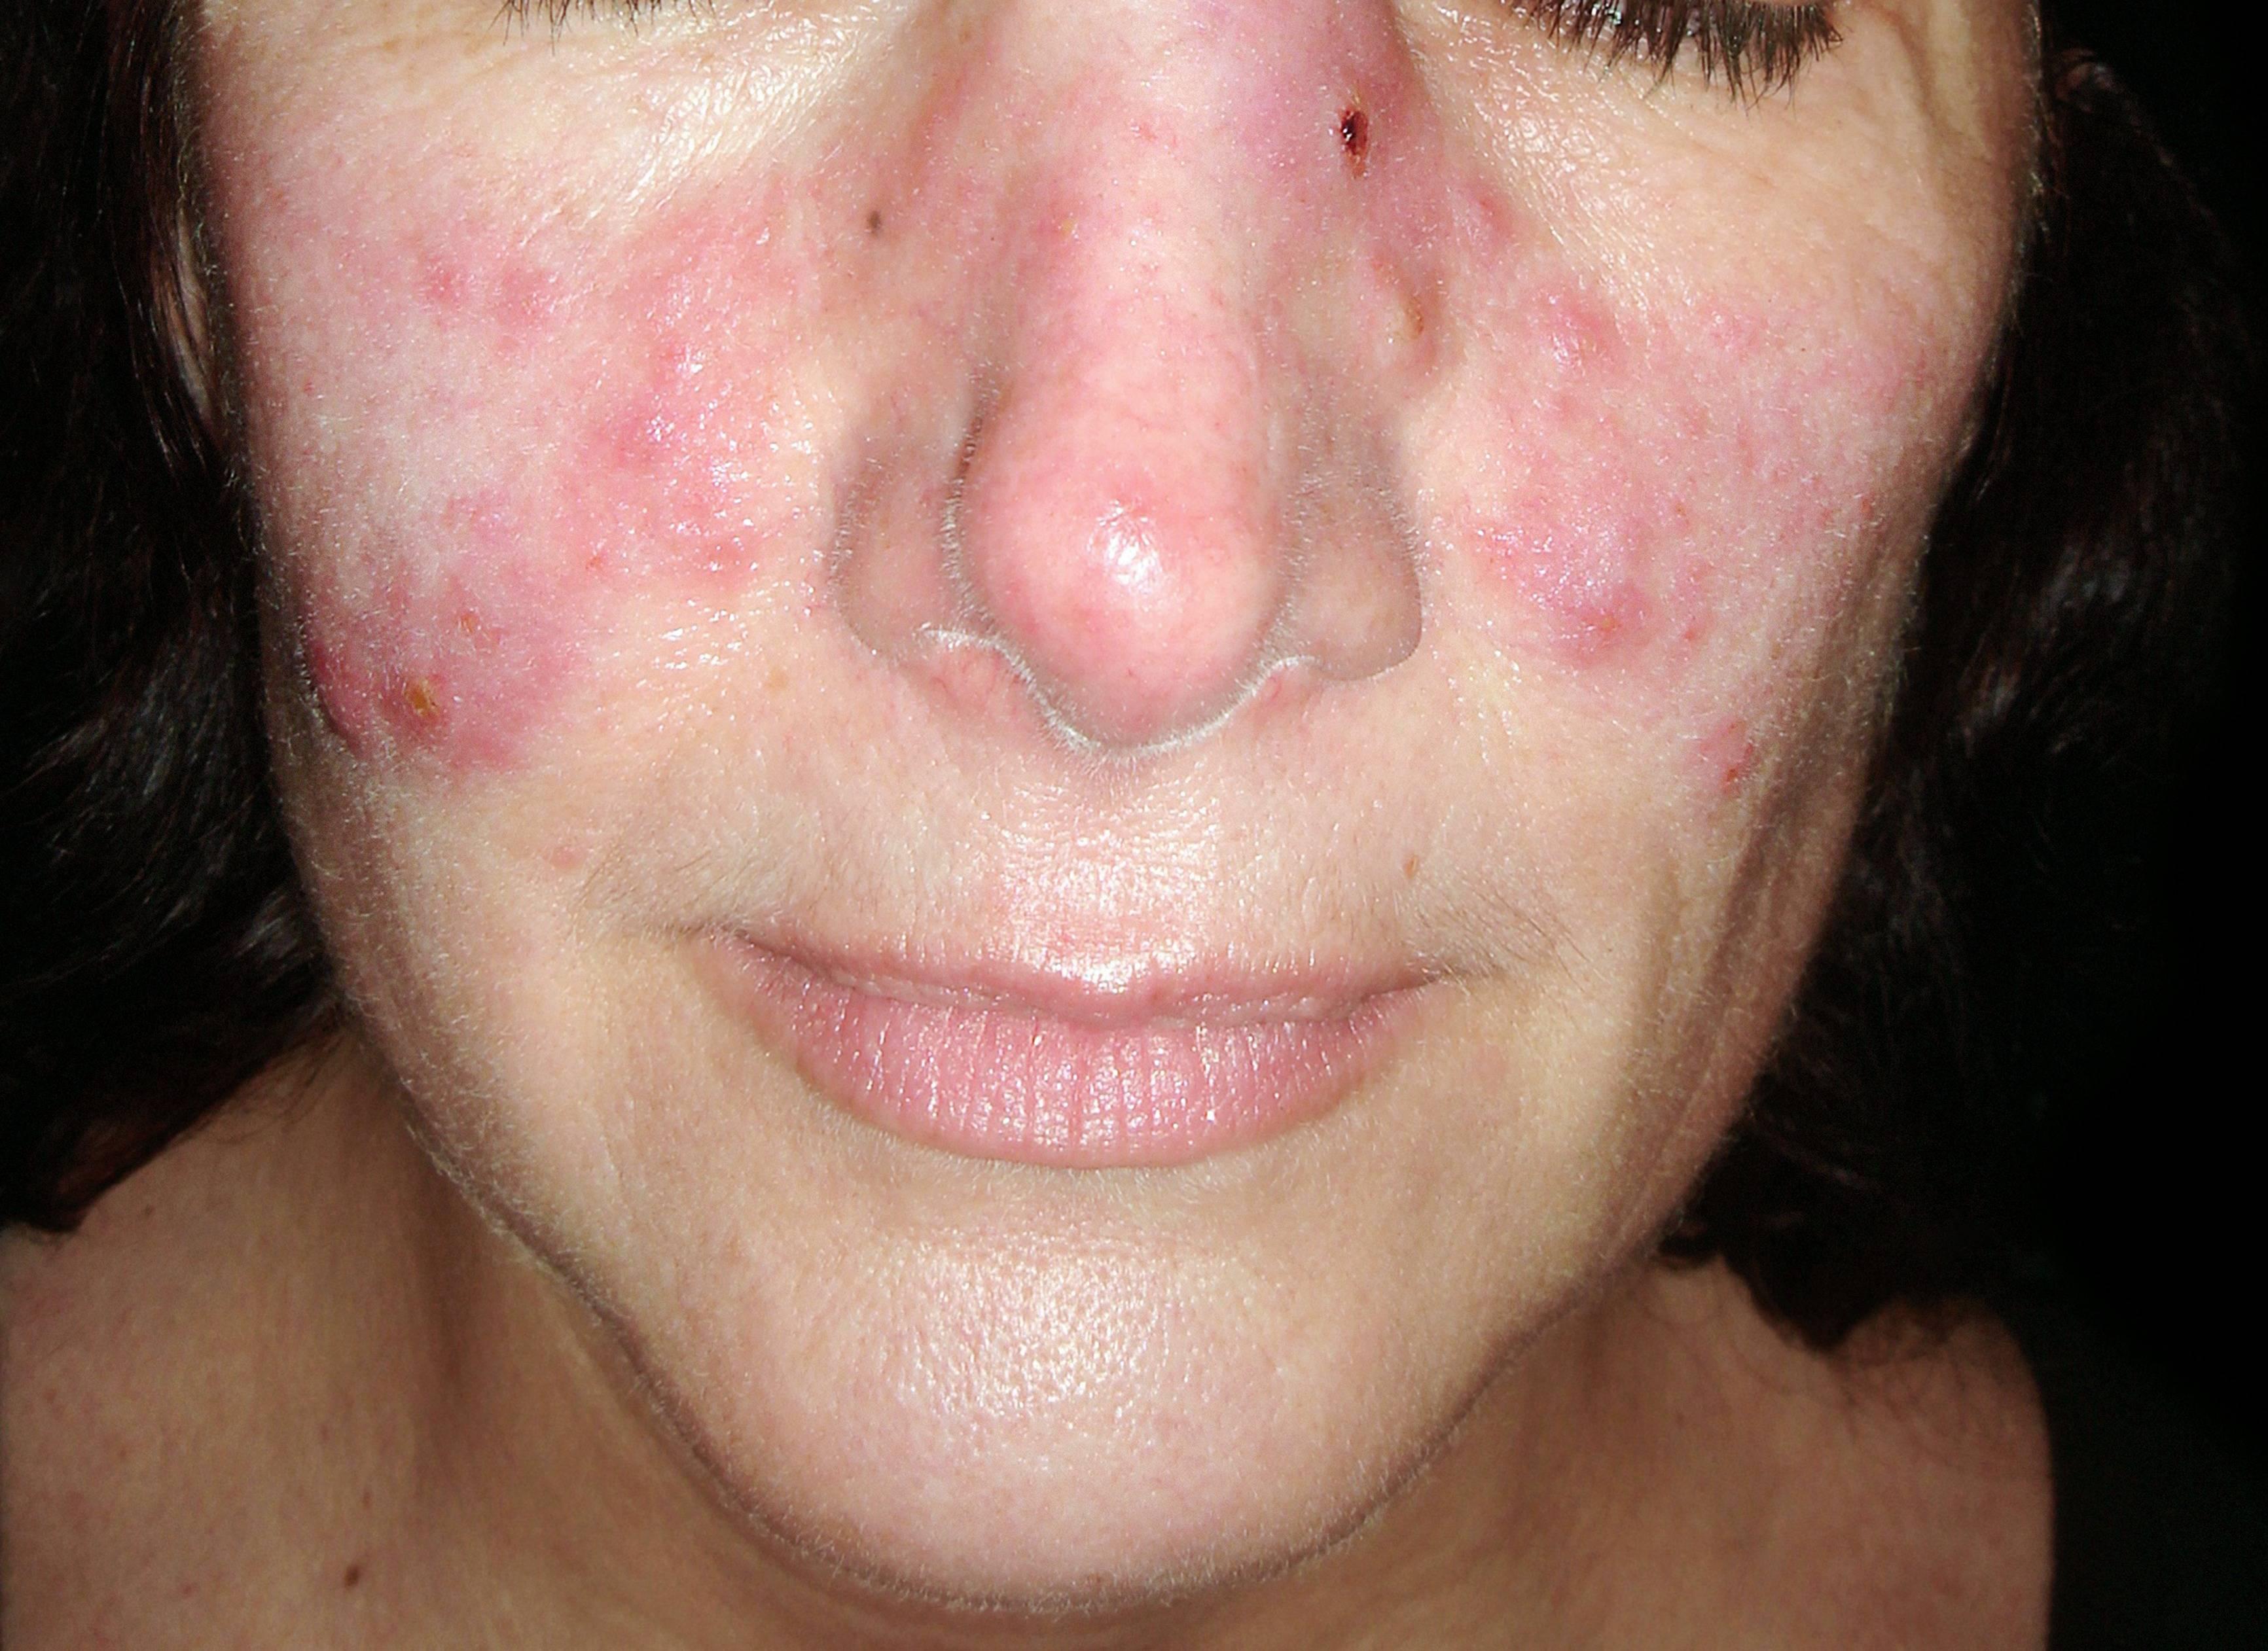 mit jelenthetnek az arcbőr piros foltjai